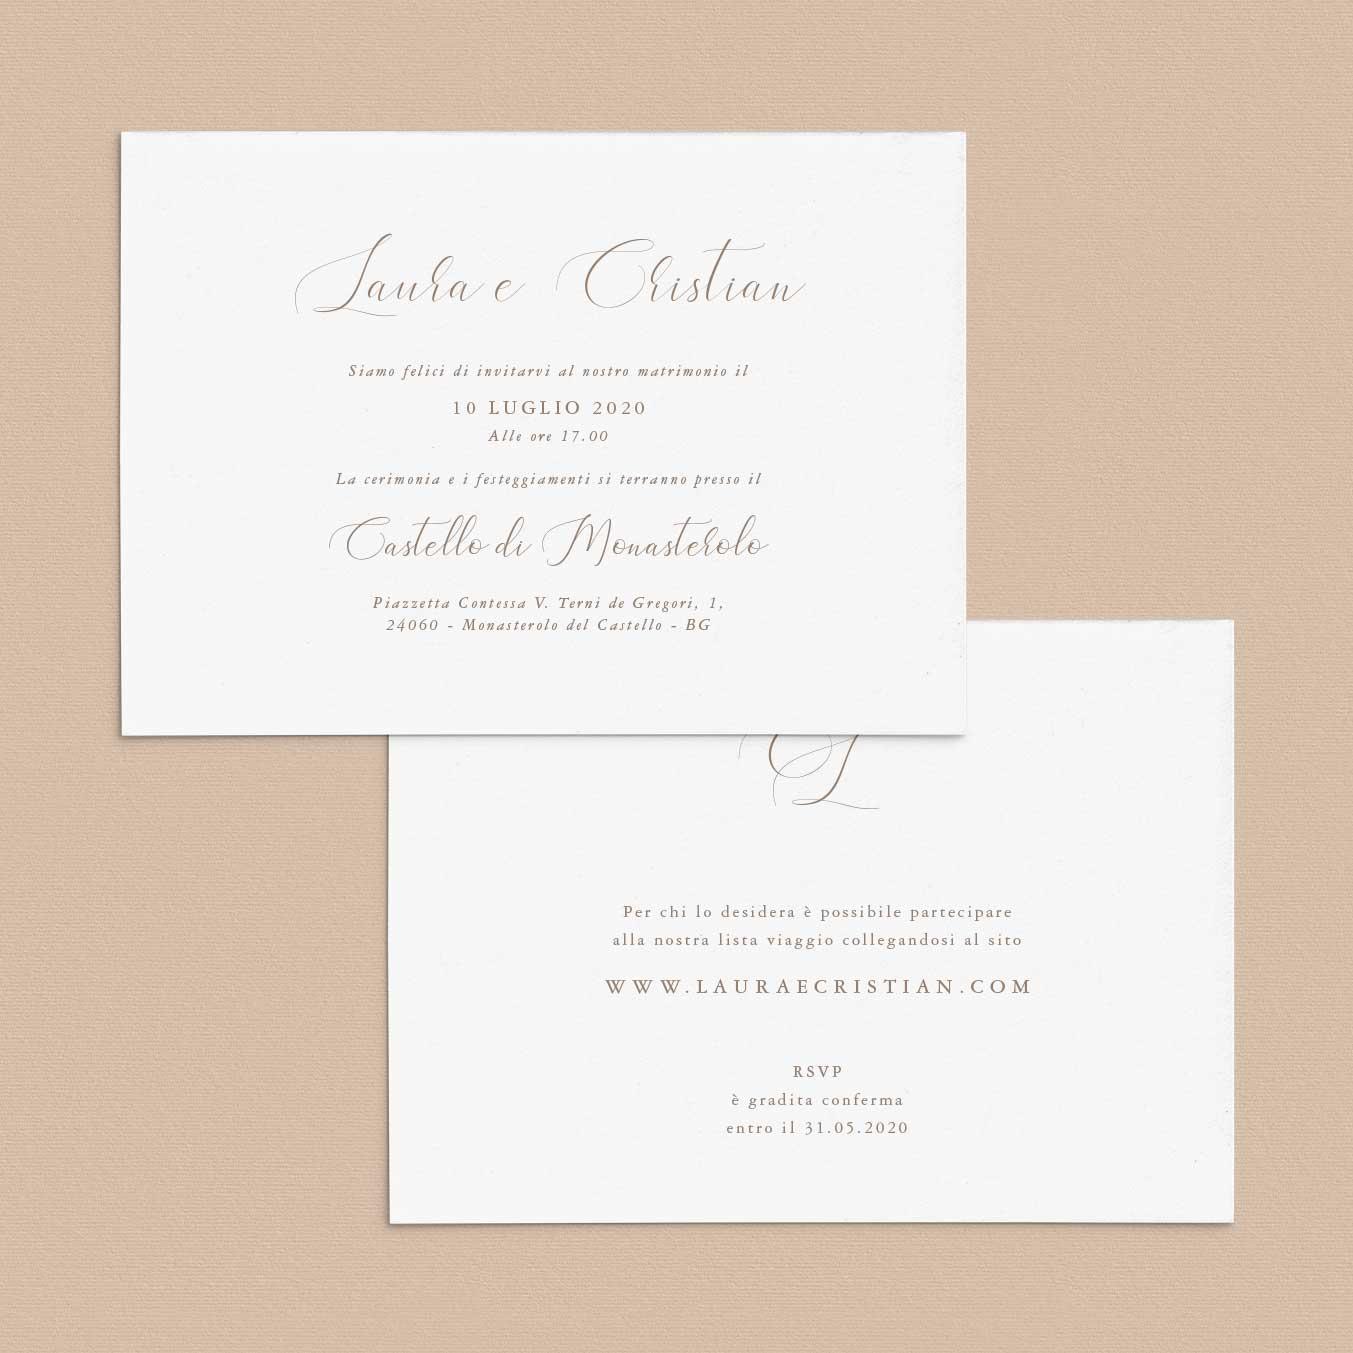 Inviti-di-matrimonio-partecipazioni-di-nozze-classici-classiche-calligrafia-calligrafiche-corsivo-elegante-iniziali-monogramma-semplici-idee-impaginazione